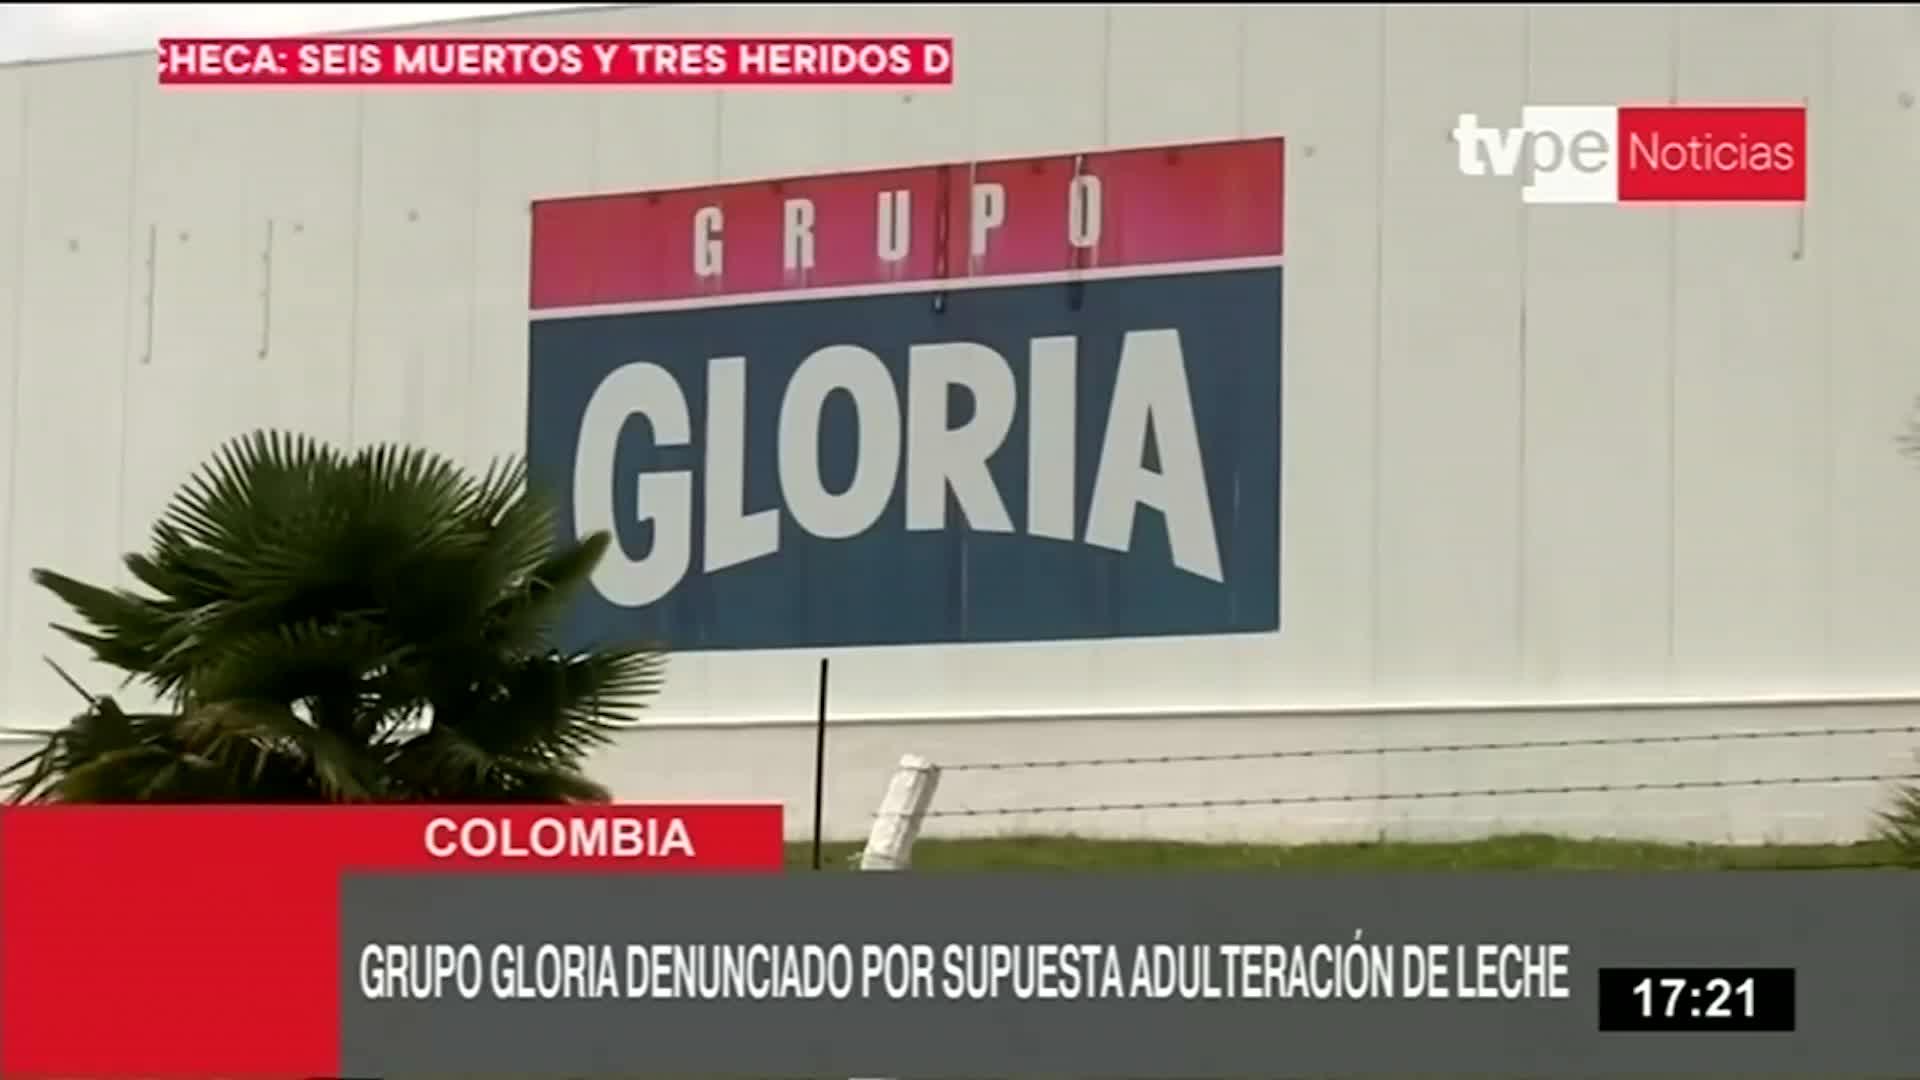 Grupo Gloria es denunciada en Colombia por supuesta adulteración de leche